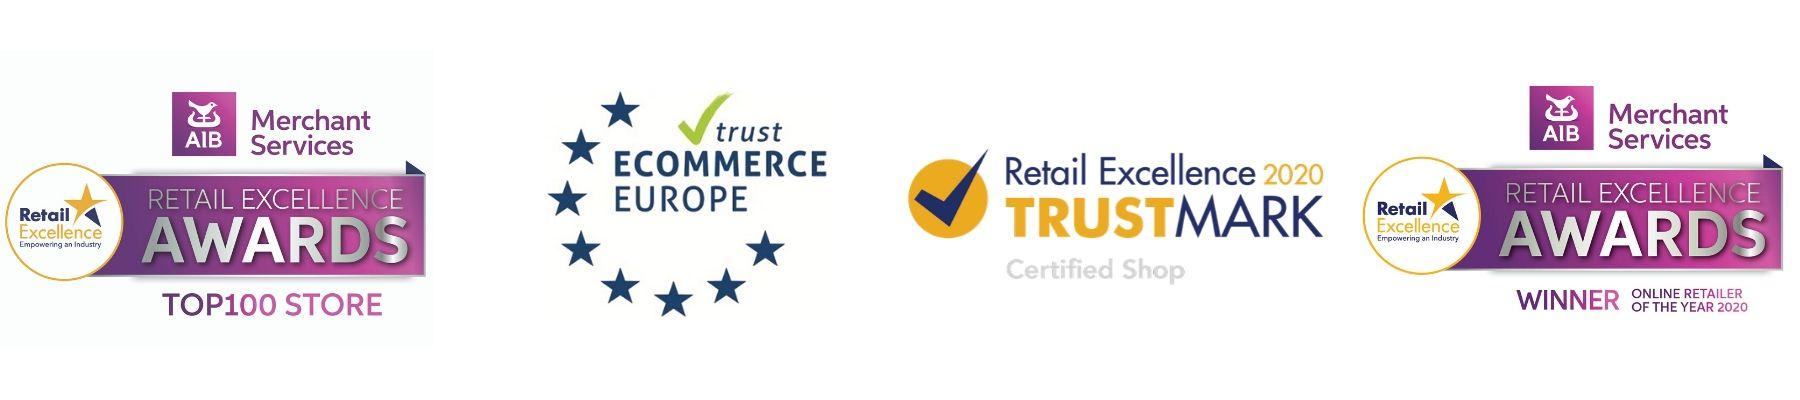 Trustmarks + Awards